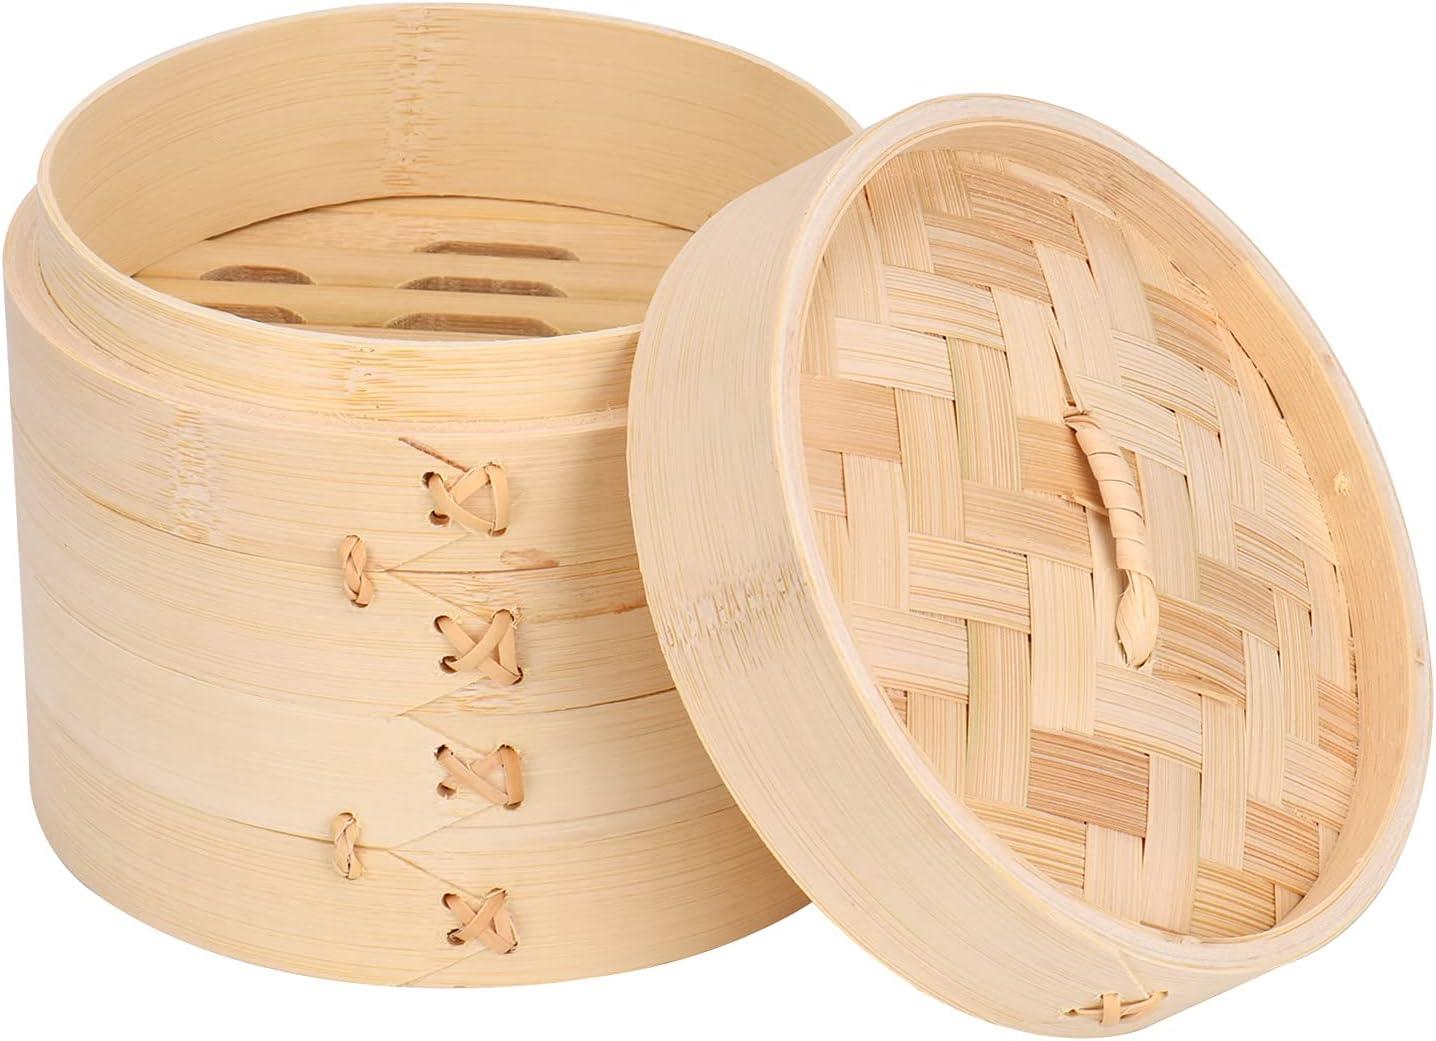 Queta Vaporera de bambú, cesta de vapor de 2 niveles con tapa, ideal para ravioli, verduras, arroz y dim Sum (18 cm)